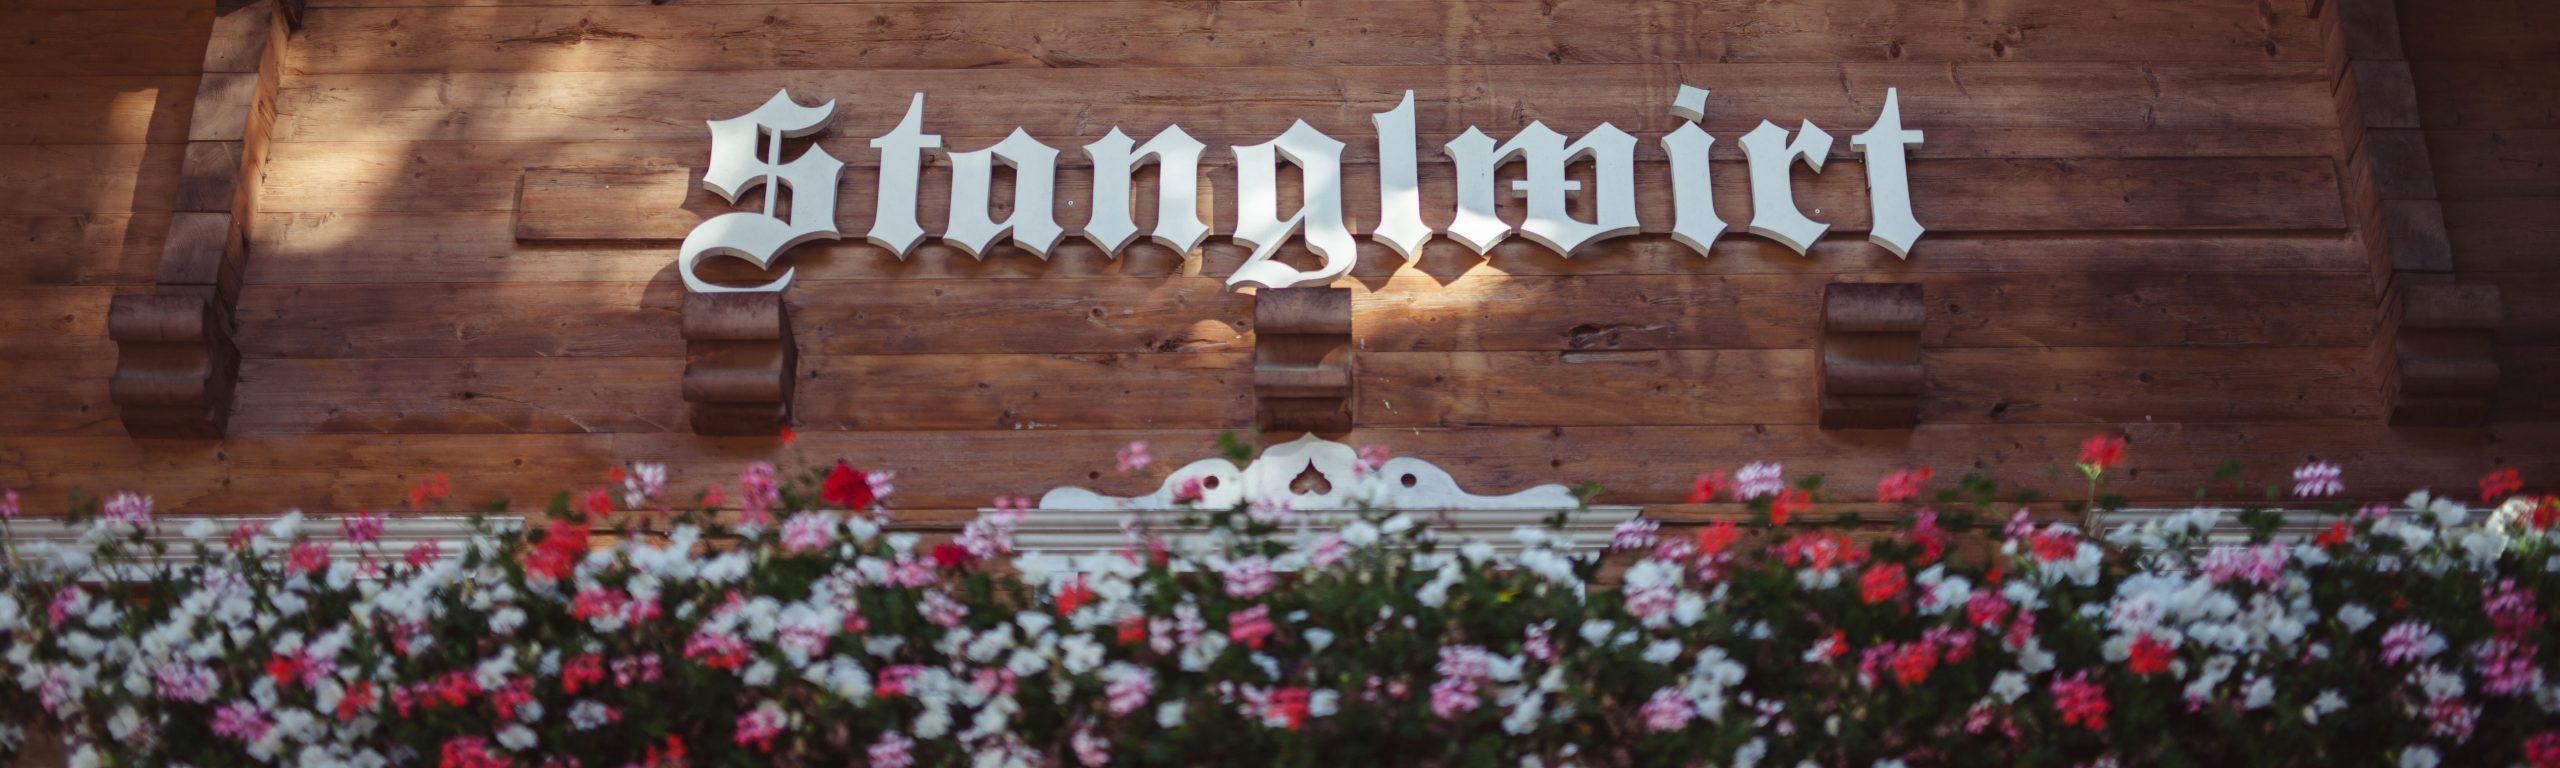 Bio Hotel Stanglwirt